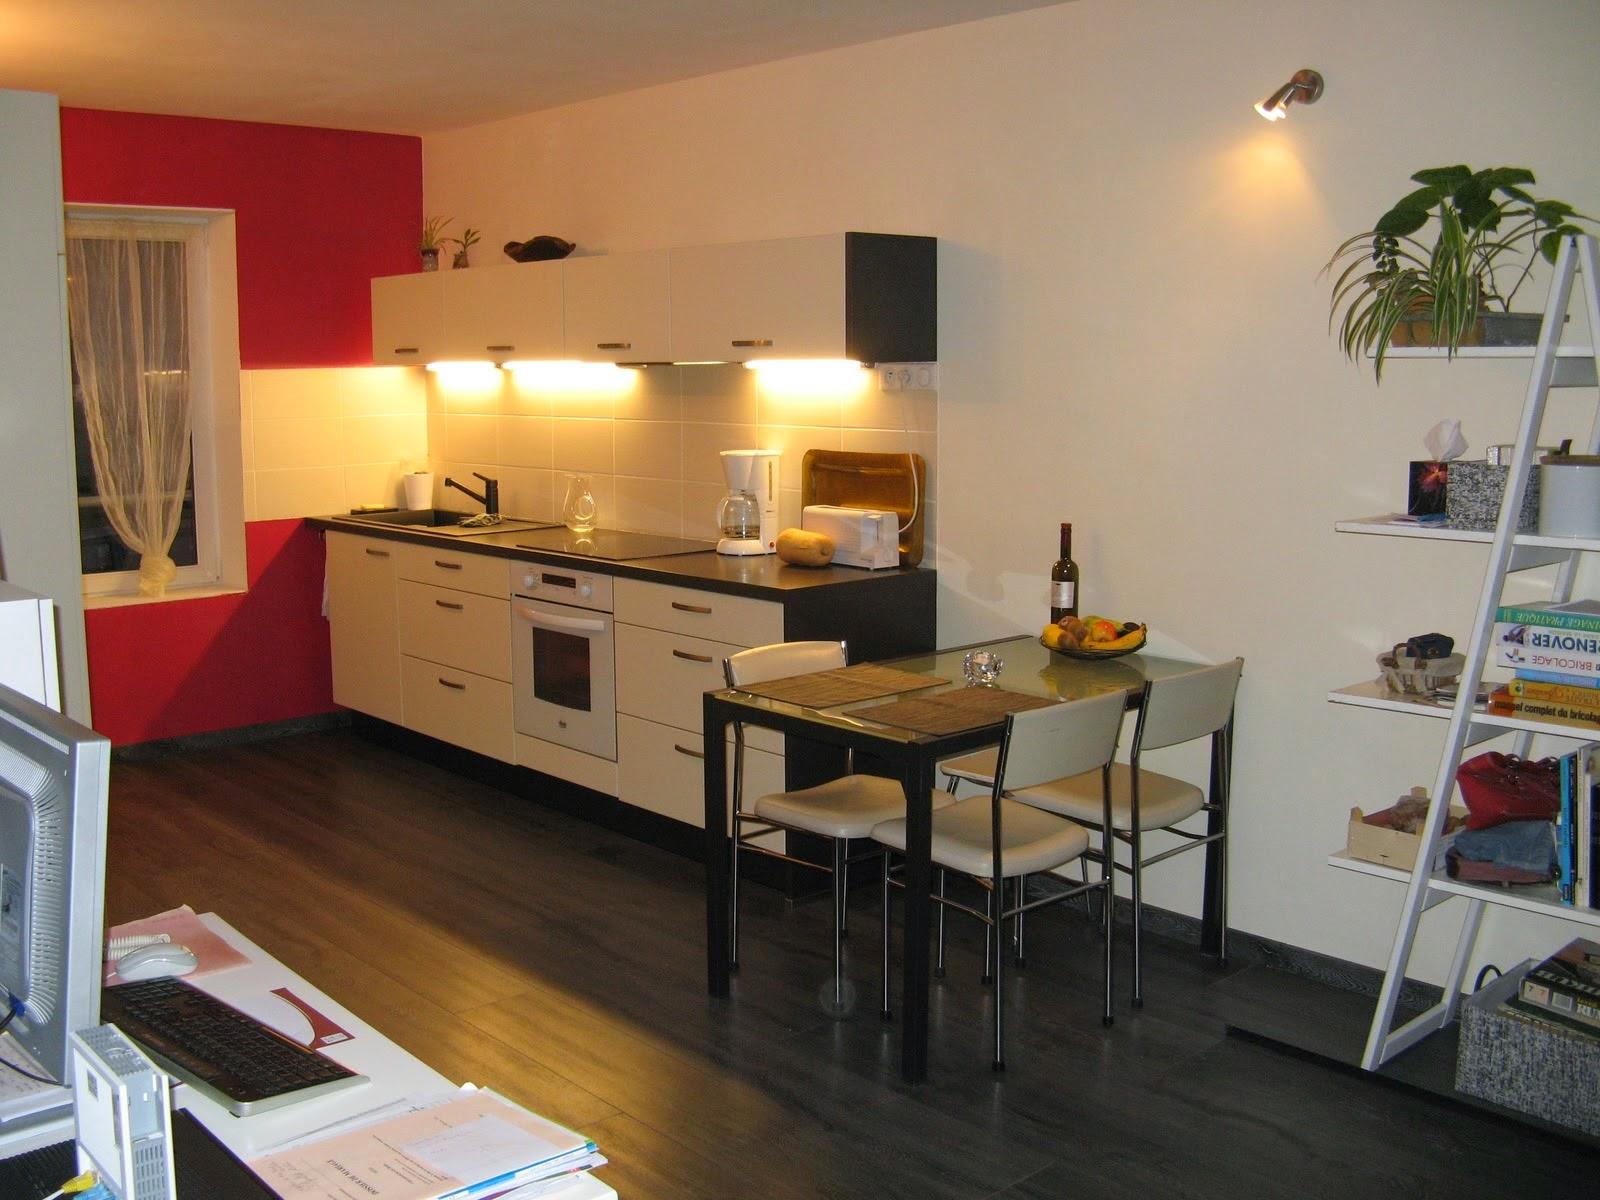 Renovation travaux peinture cuisine paris peintre for Renovation cuisine peinture